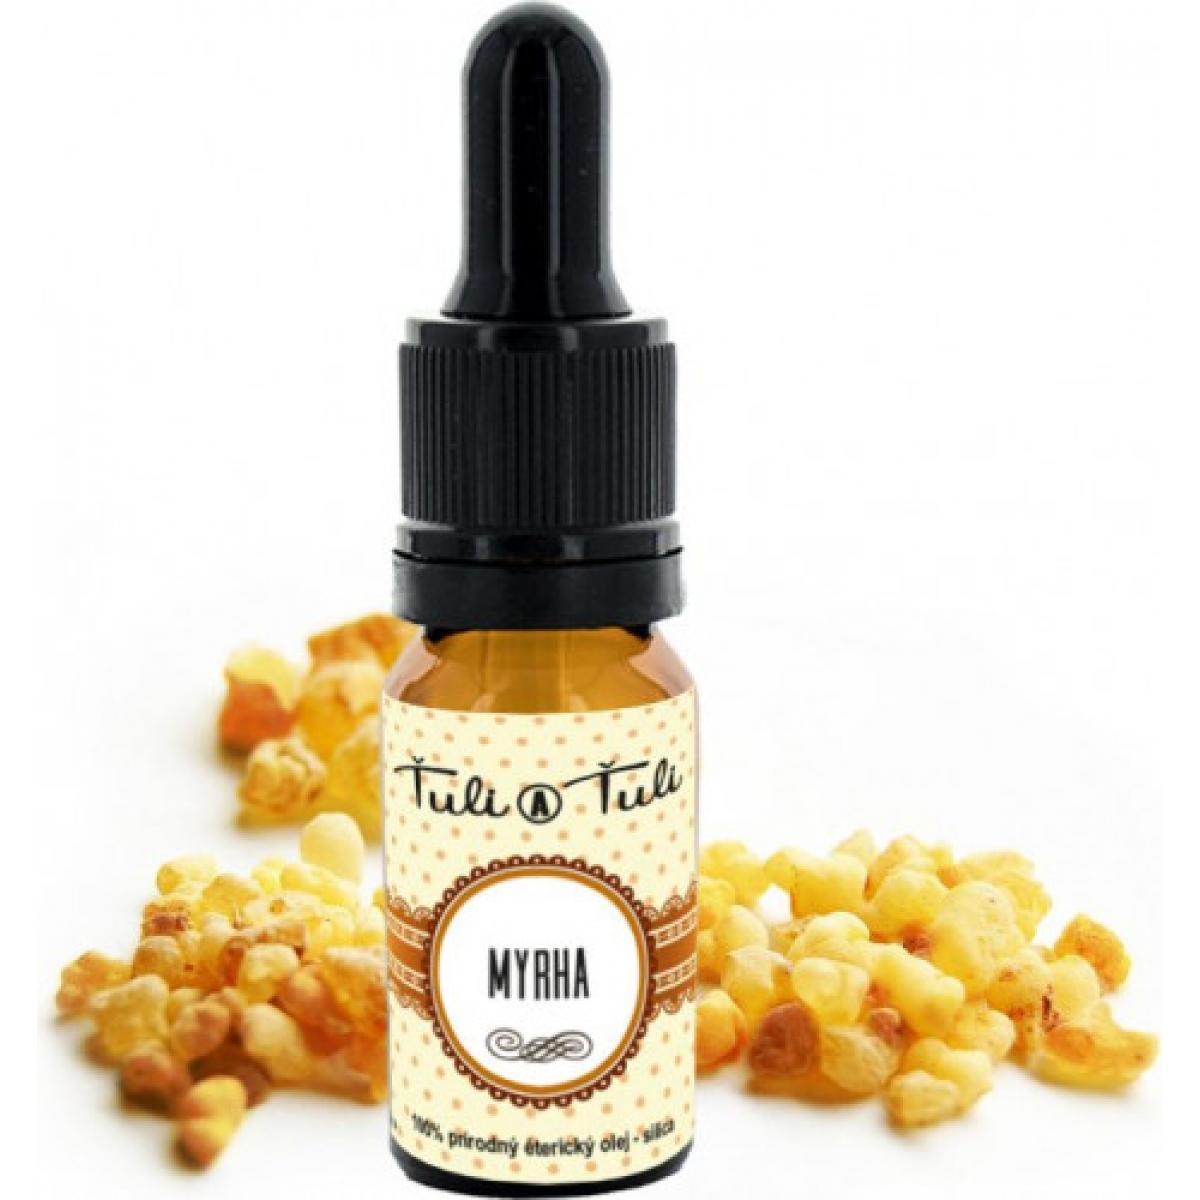 Myrha - prírodný éterický olej 100% - silica - 10ml